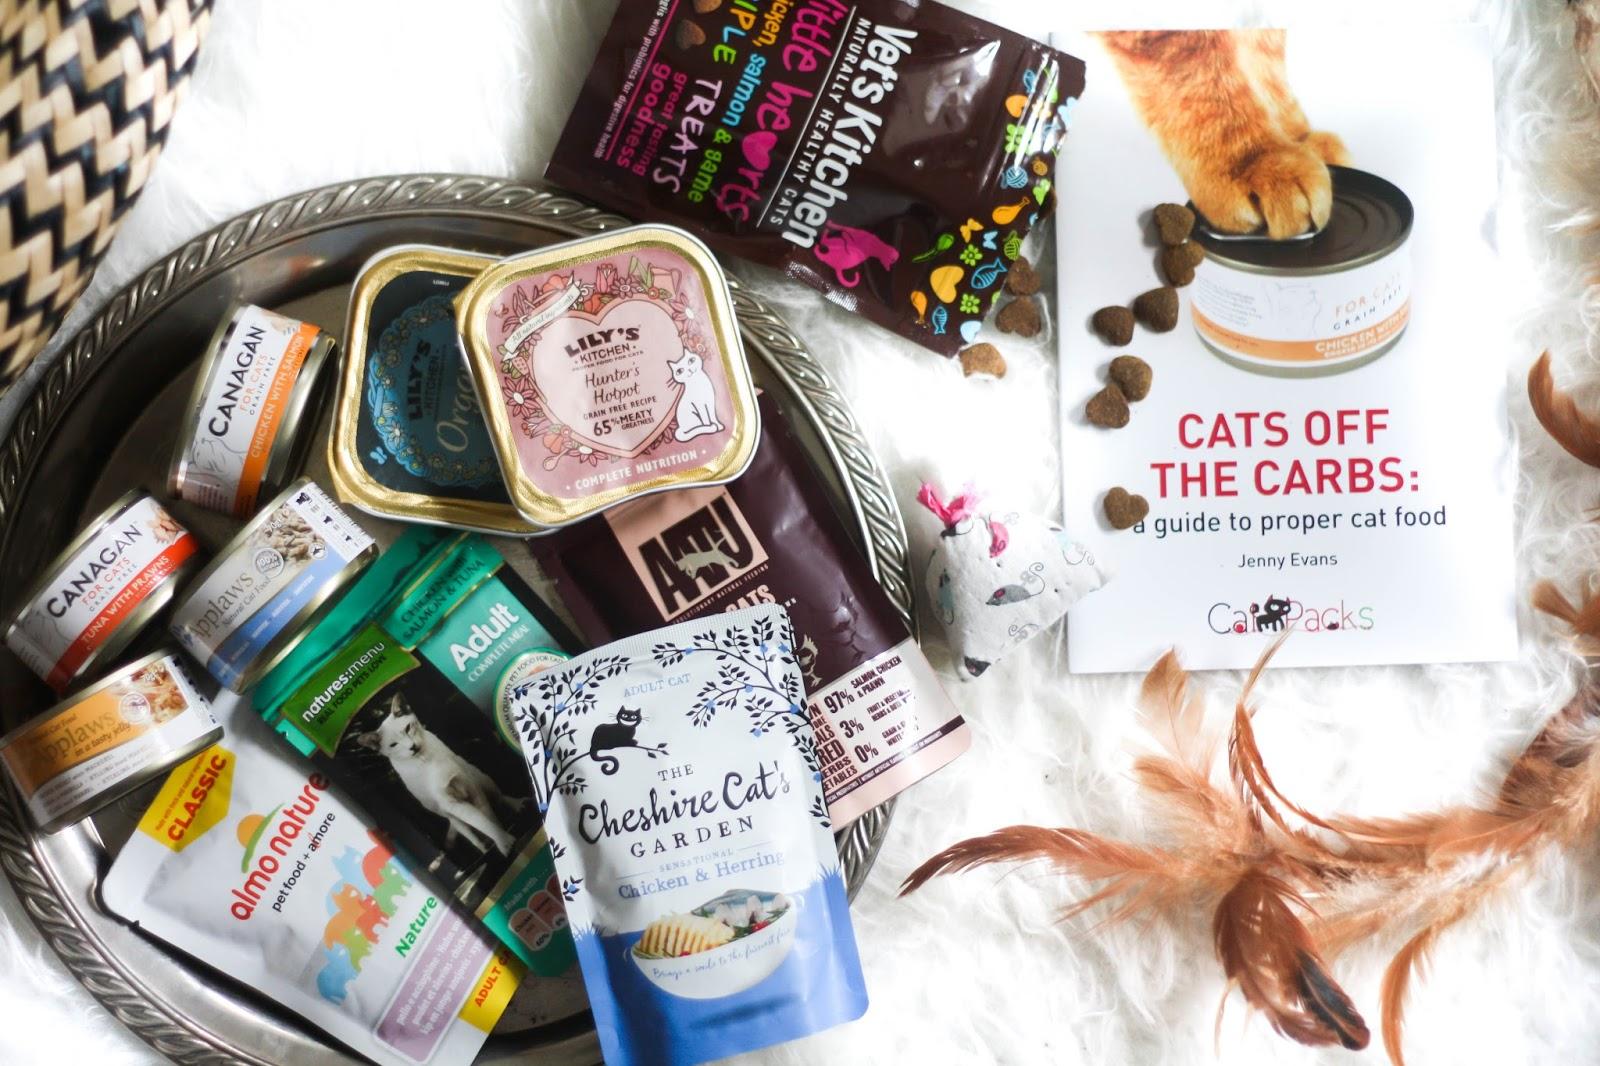 Feline Foodology: The NEW Starter Pack by CatPacks